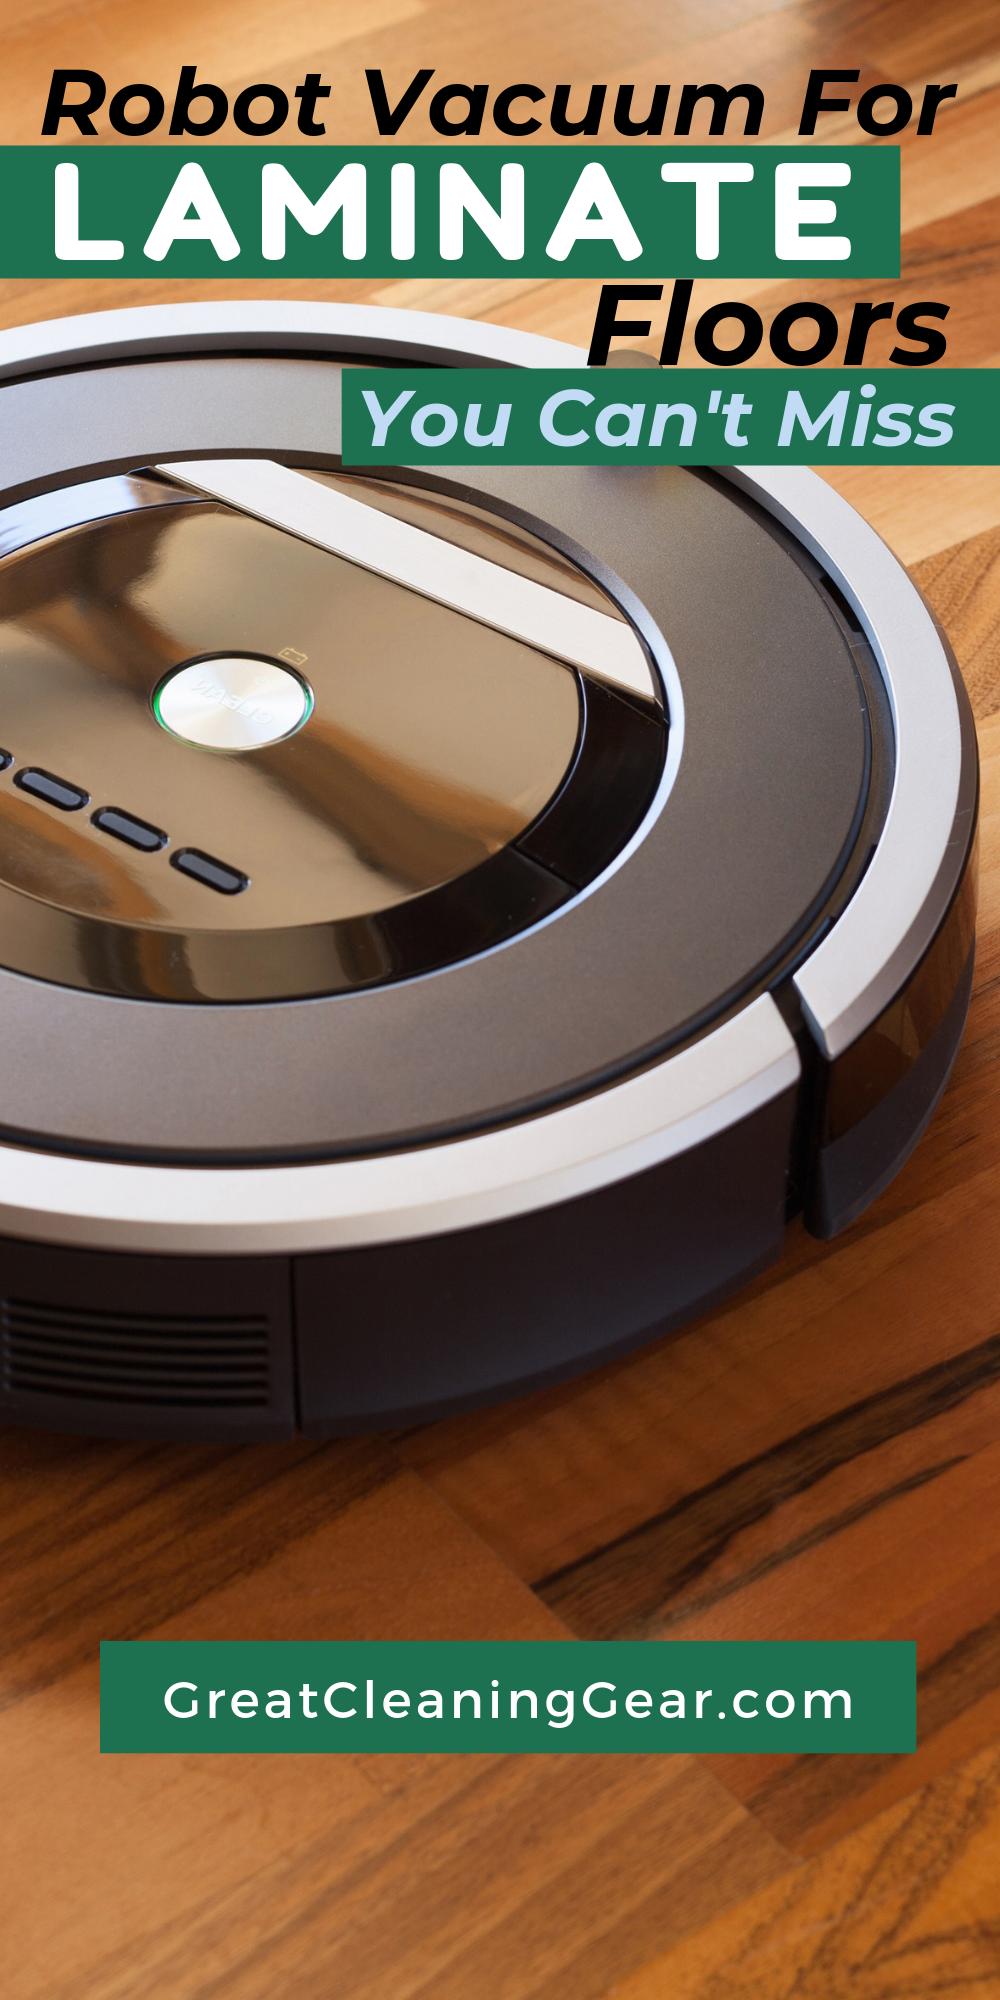 Best Robotic Vacuum For Laminate Floors 2020 Laminate Flooring